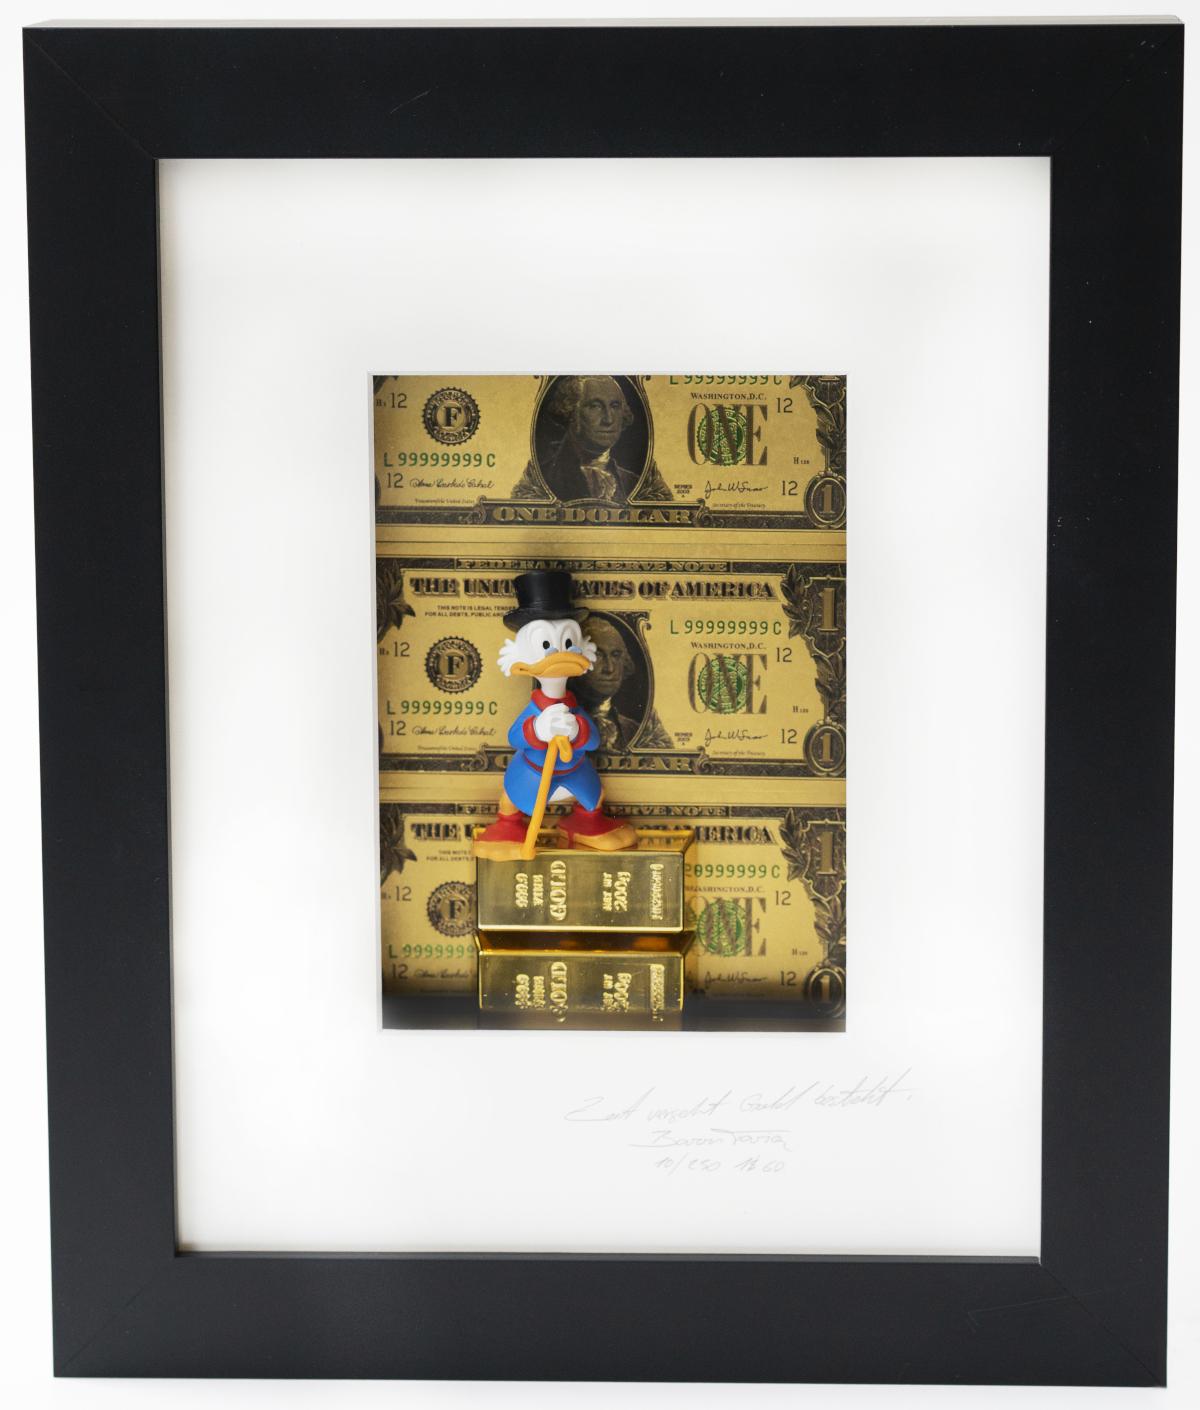 Zeit vergeht, Gold besteht - One $ - by Baron Tariq